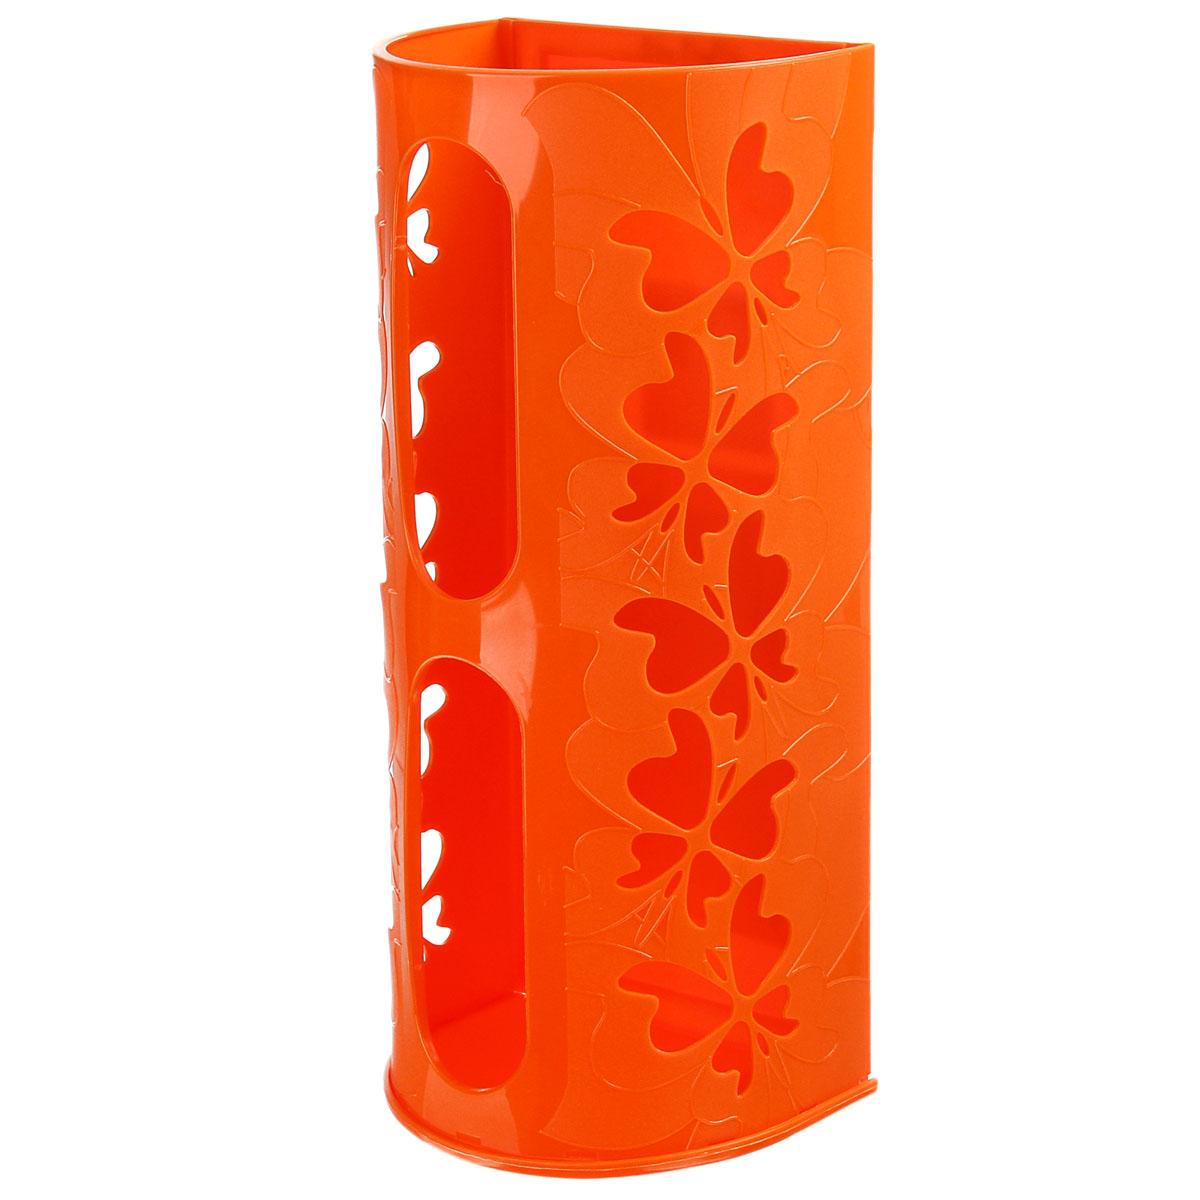 """Корзина для пакетов Berossi """"Fly"""", изготовлена из высококачественного пластика. Эта практичная корзина наведет порядок в кладовке или кухонном шкафу и  позволит хранить пластиковые пакеты или хозяйственные сумочки во всегда  доступном месте! Изделие декорировано резным изображением бабочек. Корзина просто подвешивается на дверь шкафчика изнутри или снаружи, в зависимости от назначения.  Корзина для пакетов Berossi """"Fly"""" будет замечательным подарком для поддержания чистоты и порядка. Она сэкономит место, гармонично впишется в интерьер и будет радовать вас уникальным дизайном."""